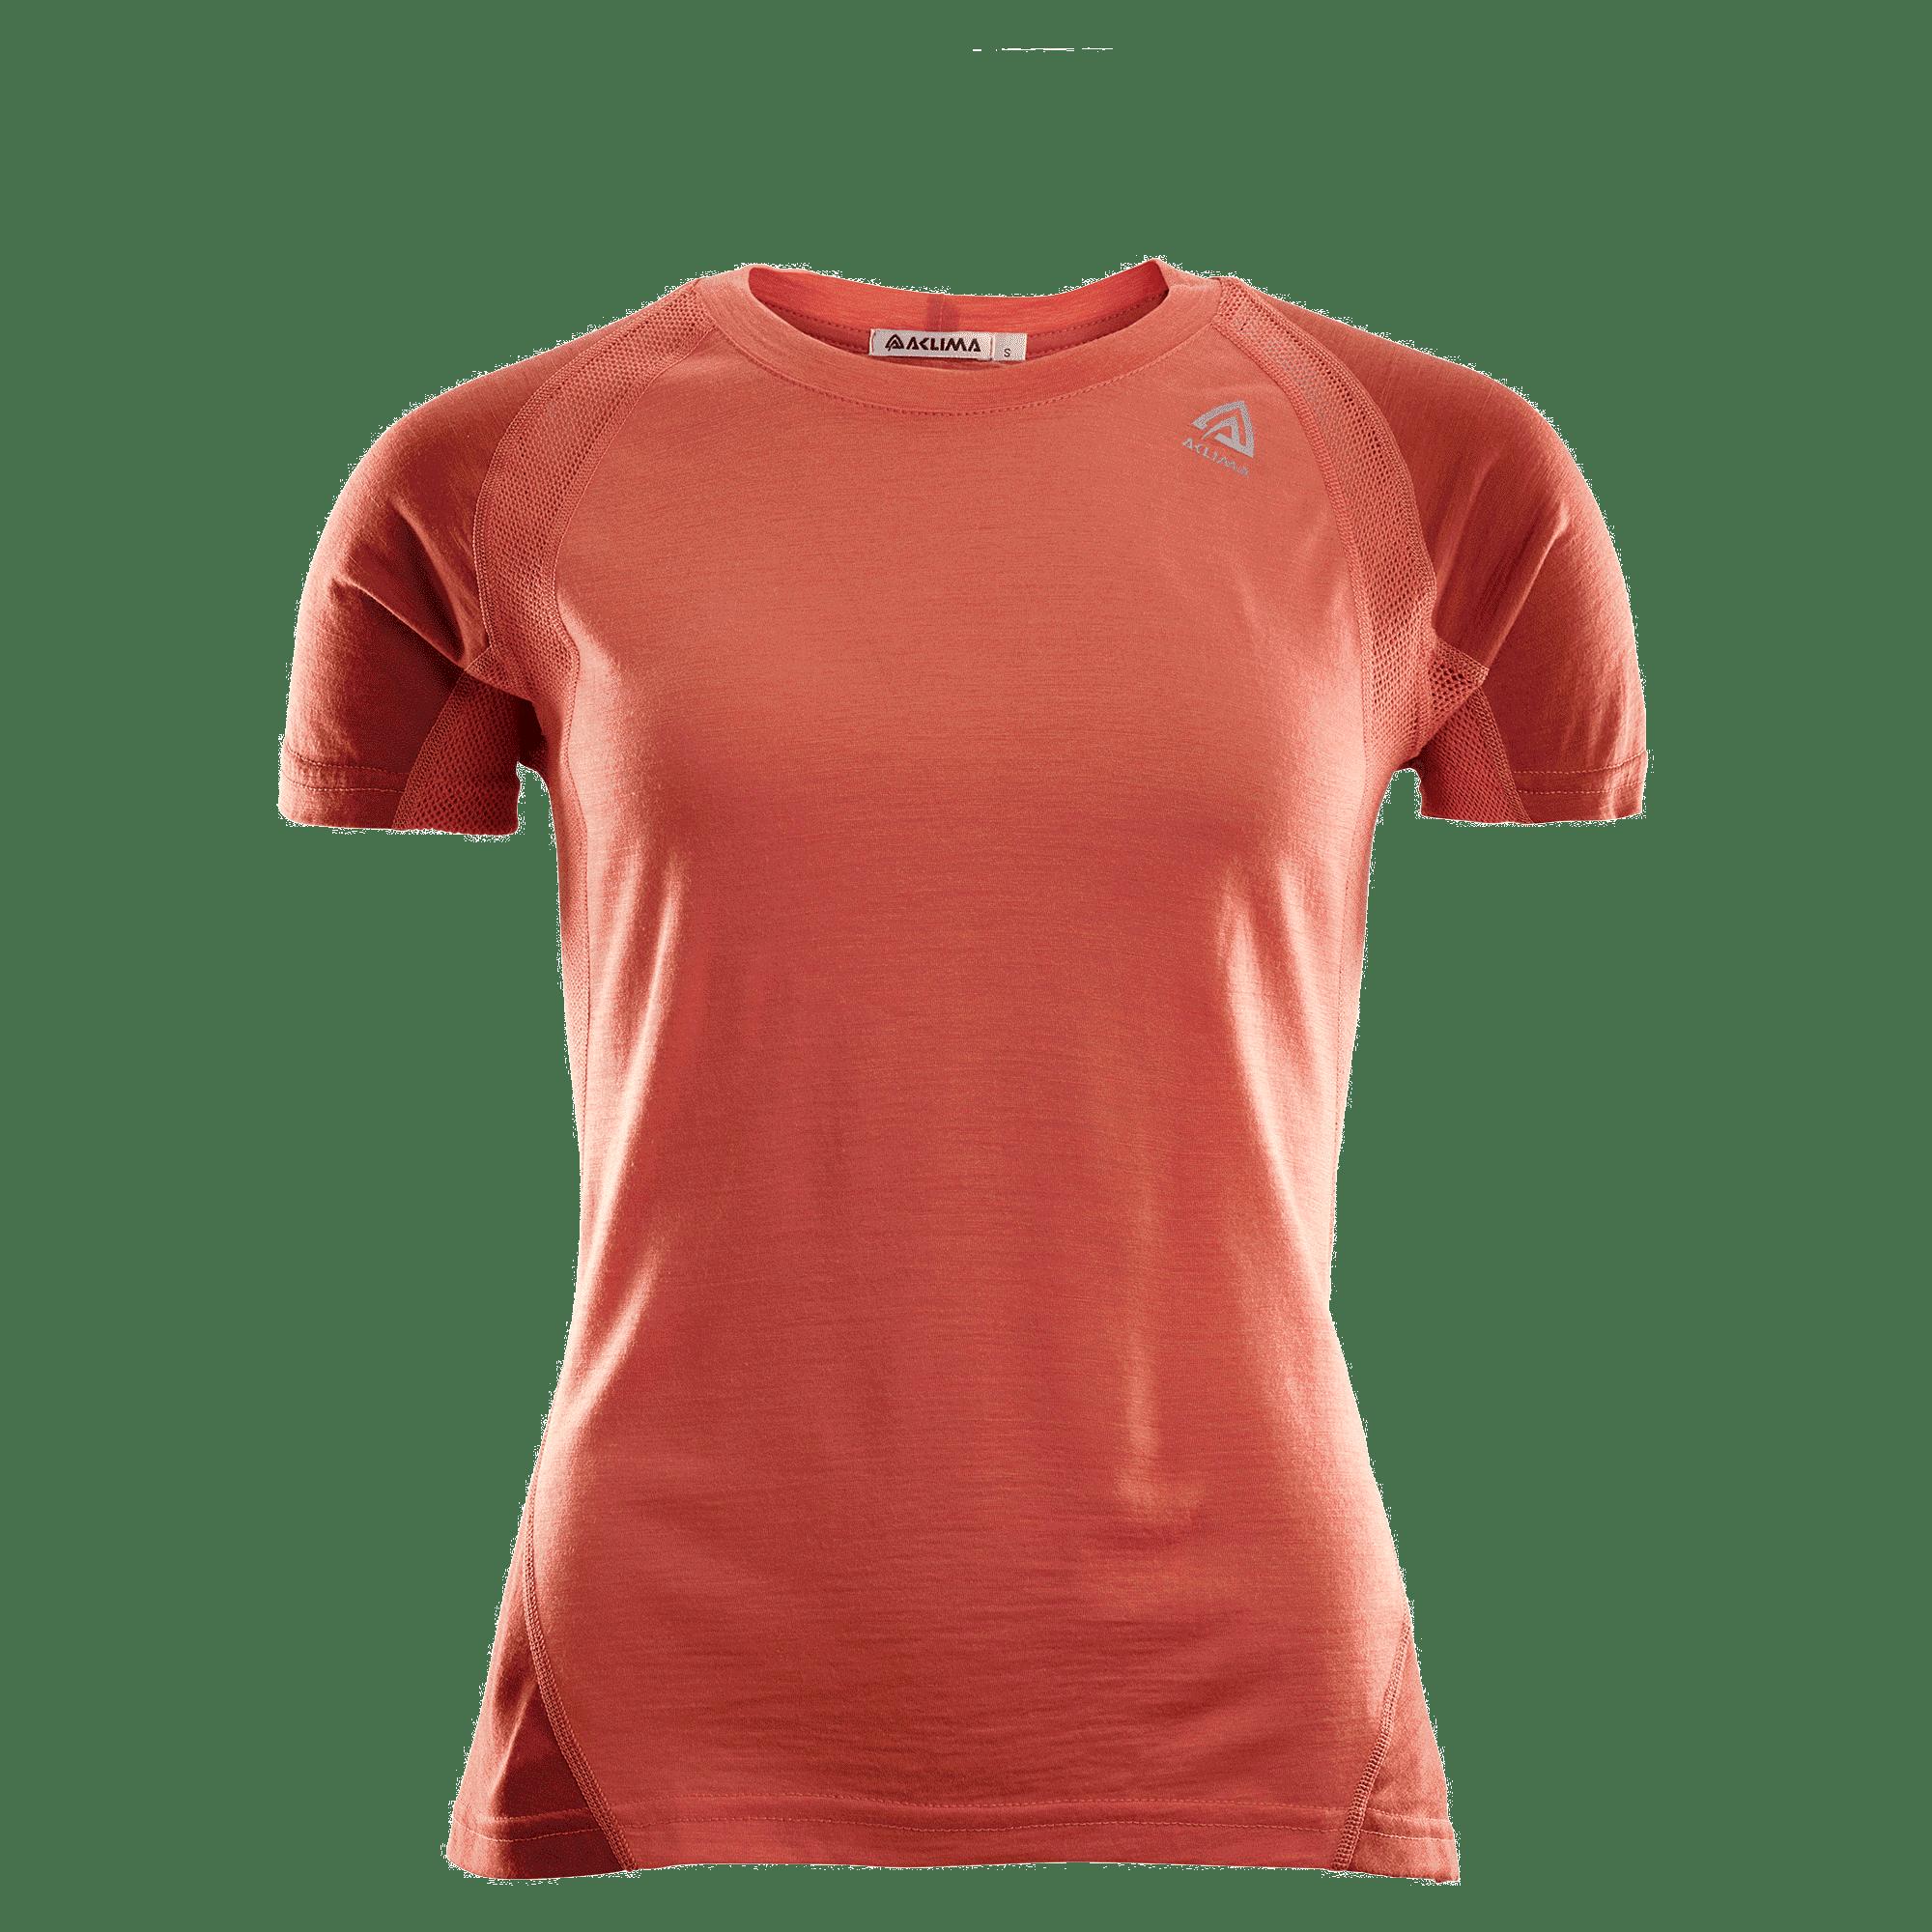 Active shirt, Red, Sleeve, Orange, Clothing, T-shirt